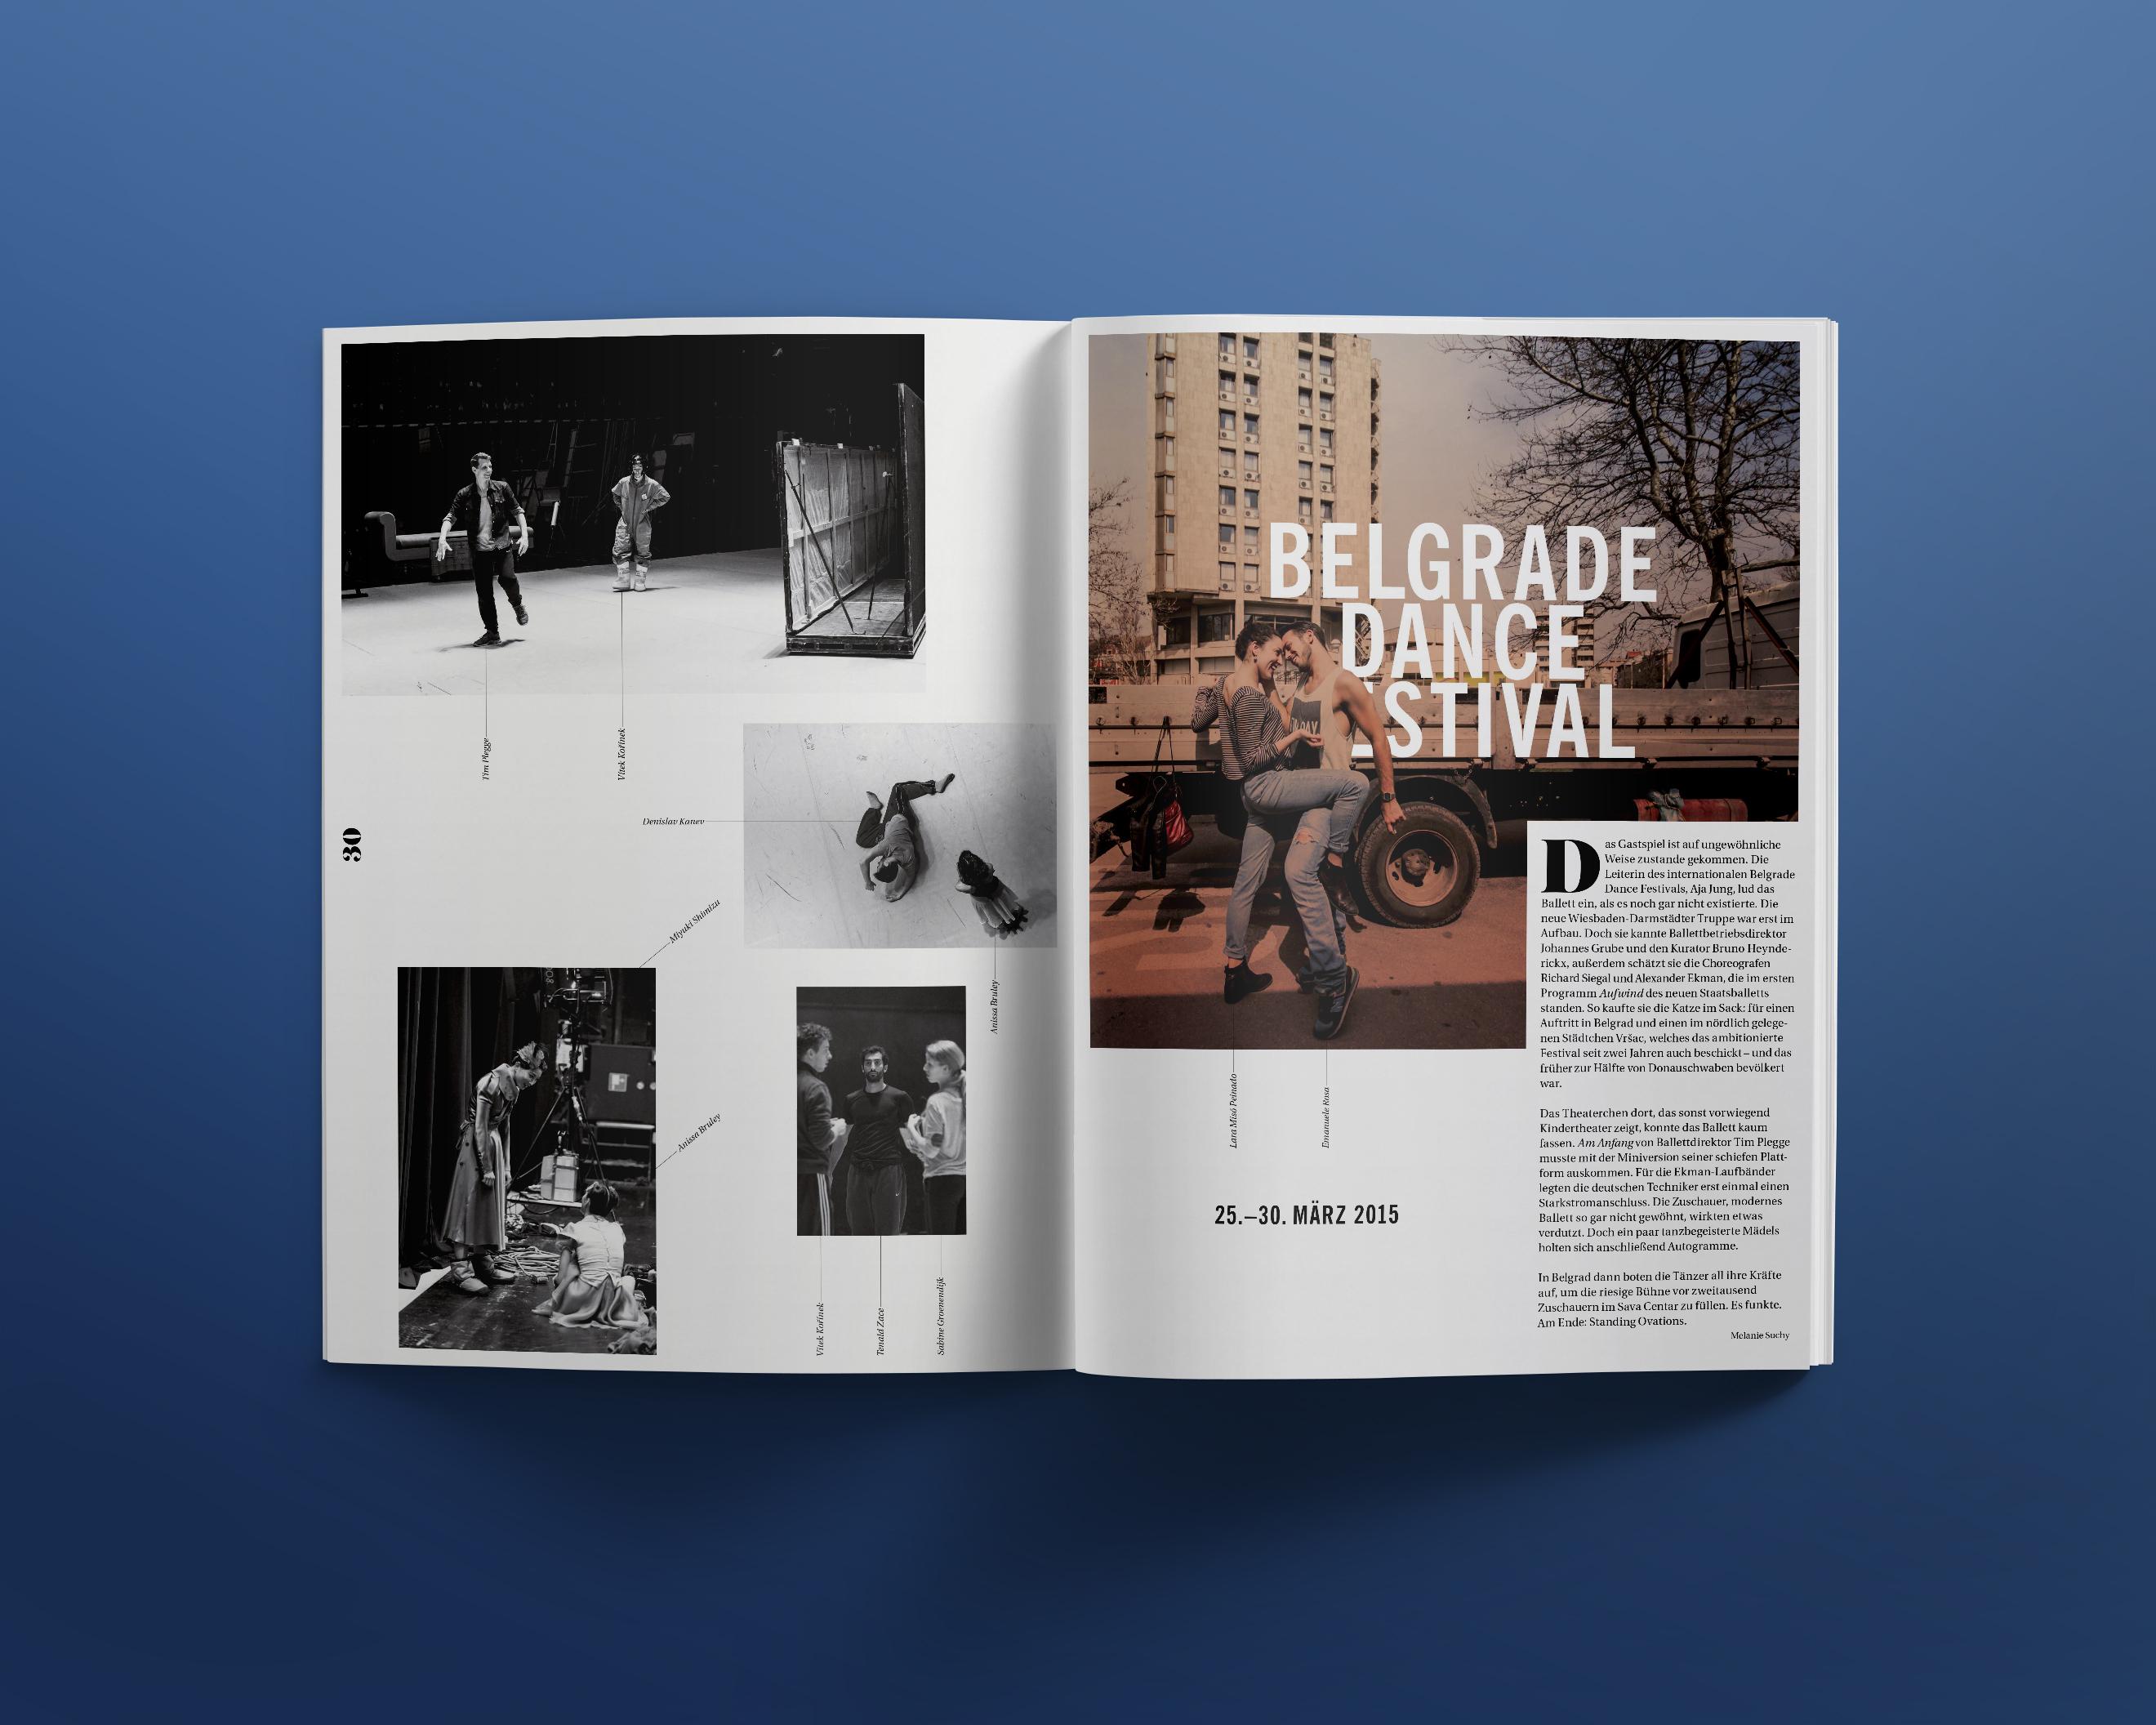 For the love of dance | Q Kreativgesellschaft mbH, Wiesbaden